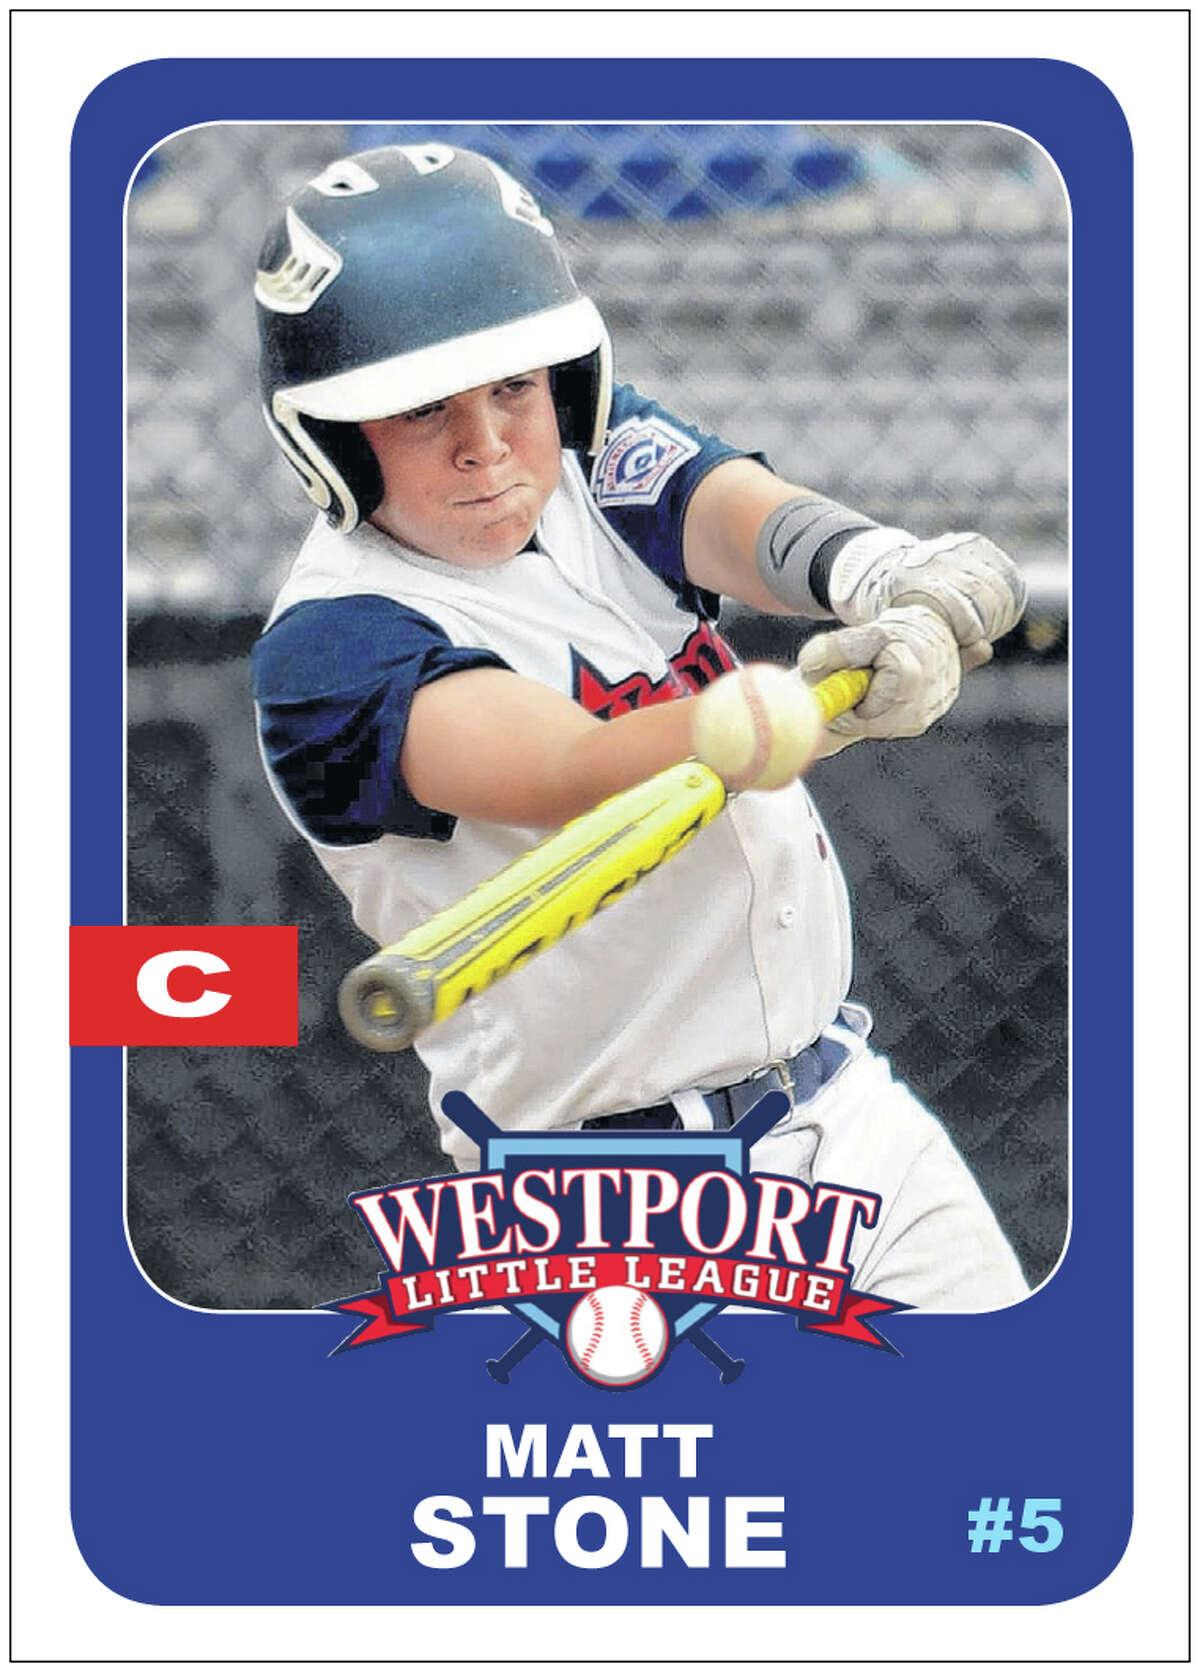 #5 MATT STONE Age: 13 Position: C Bats/Throws: R/R N.E. Tournament: .312 batting average, one home run, three RBIs